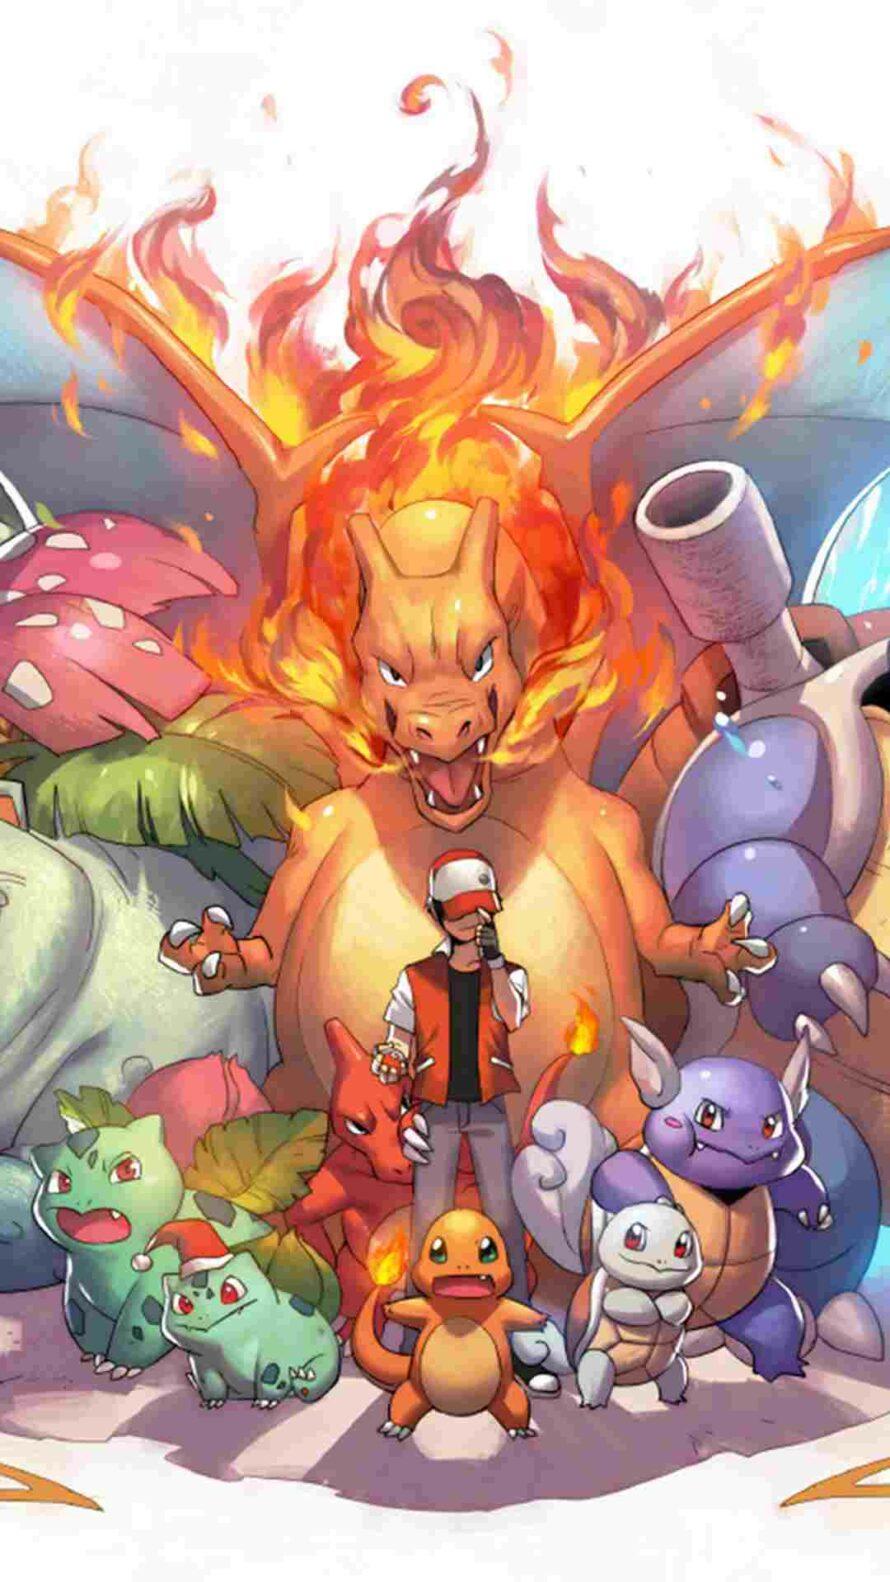 Pokemon Go Wallpapers In Ultra Hd 4k Gameranx Pokemon Wallpaper Hd 890x1582 Wallpaper Teahub Io